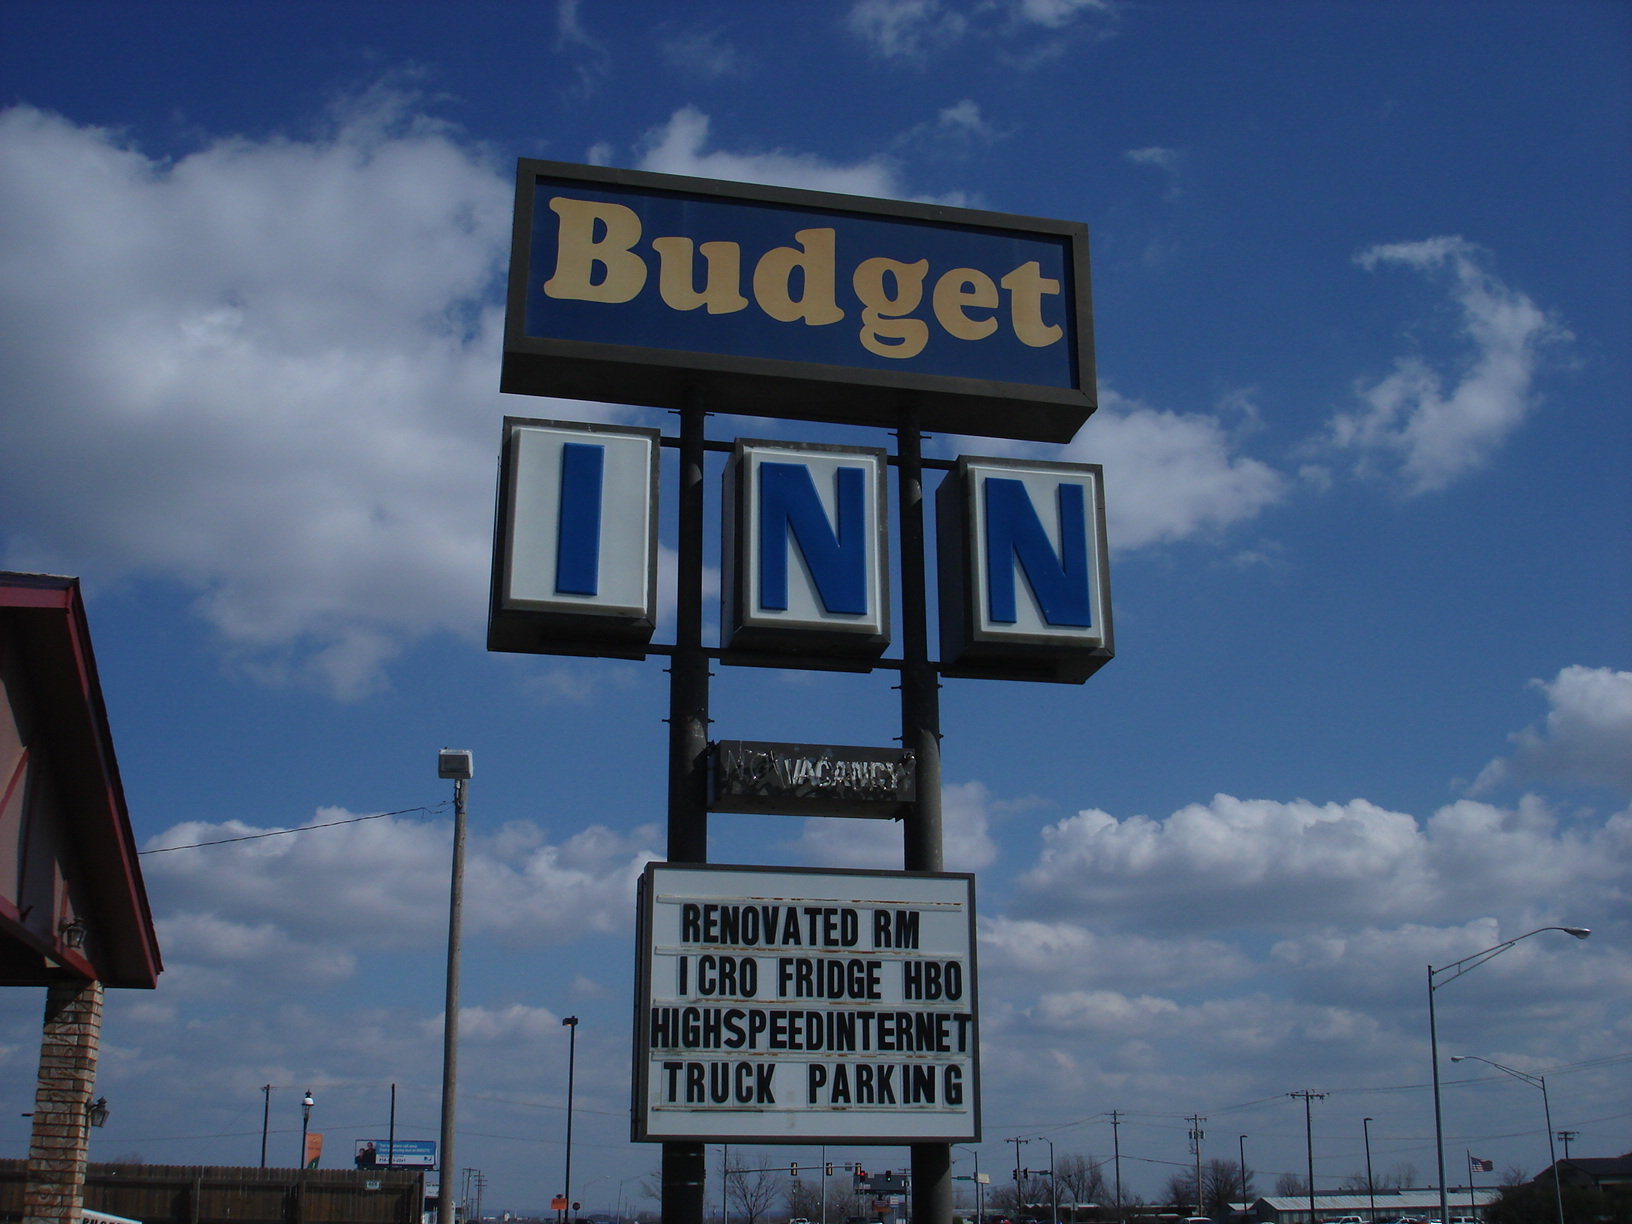 Budget Inn